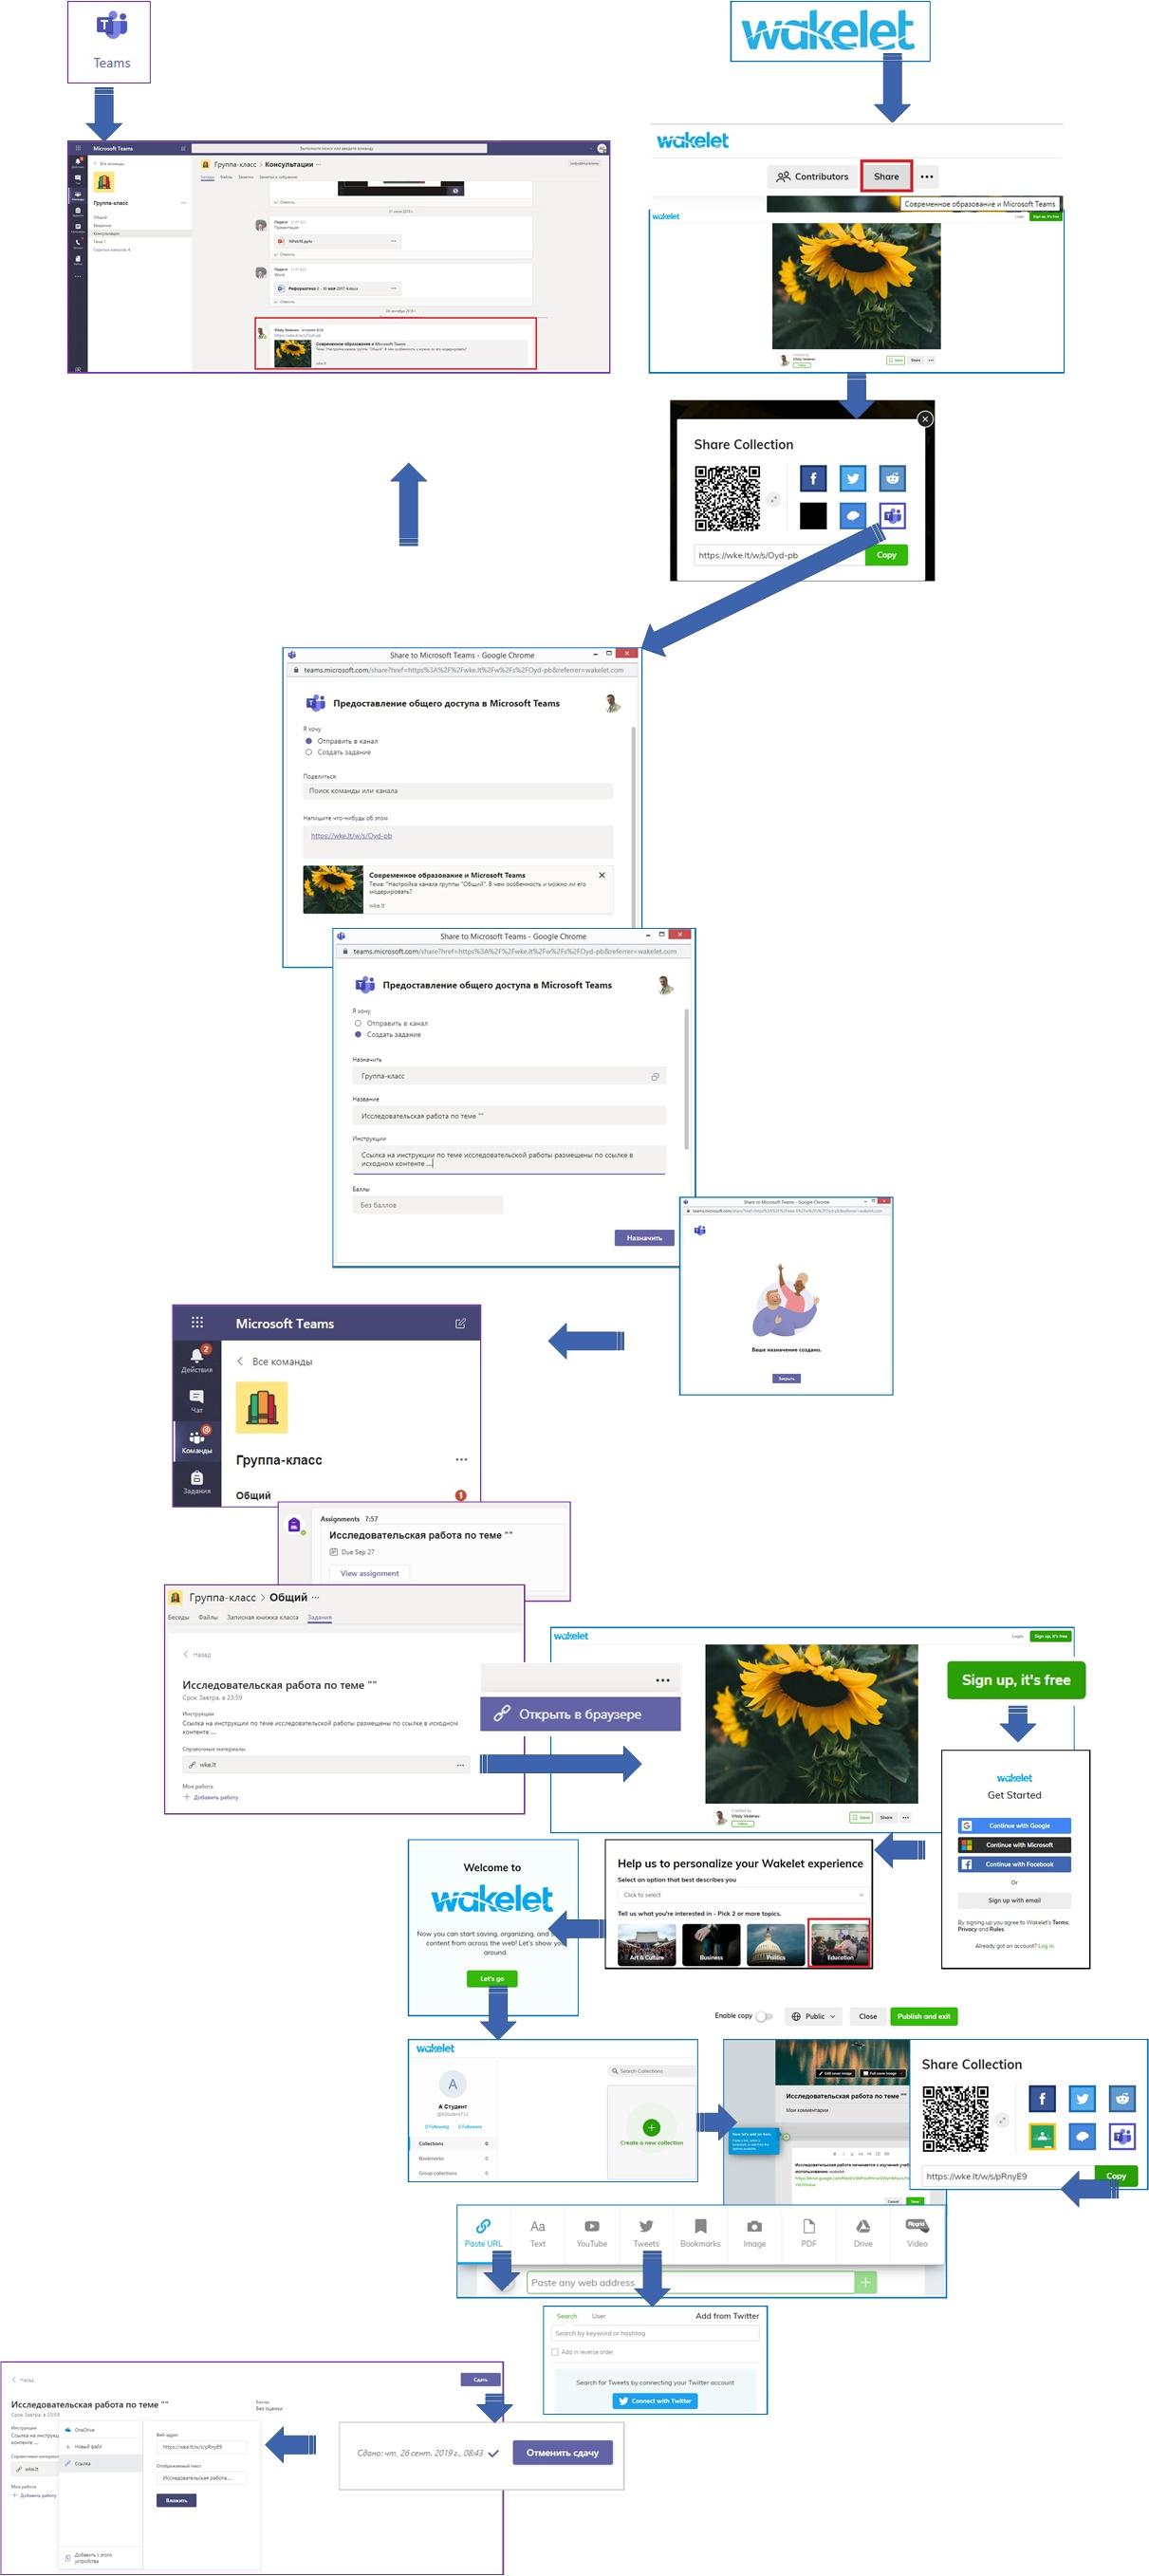 Схема организации исследовательской работы для обучаемых средствами wakelet и Microsoft Teams Office 365